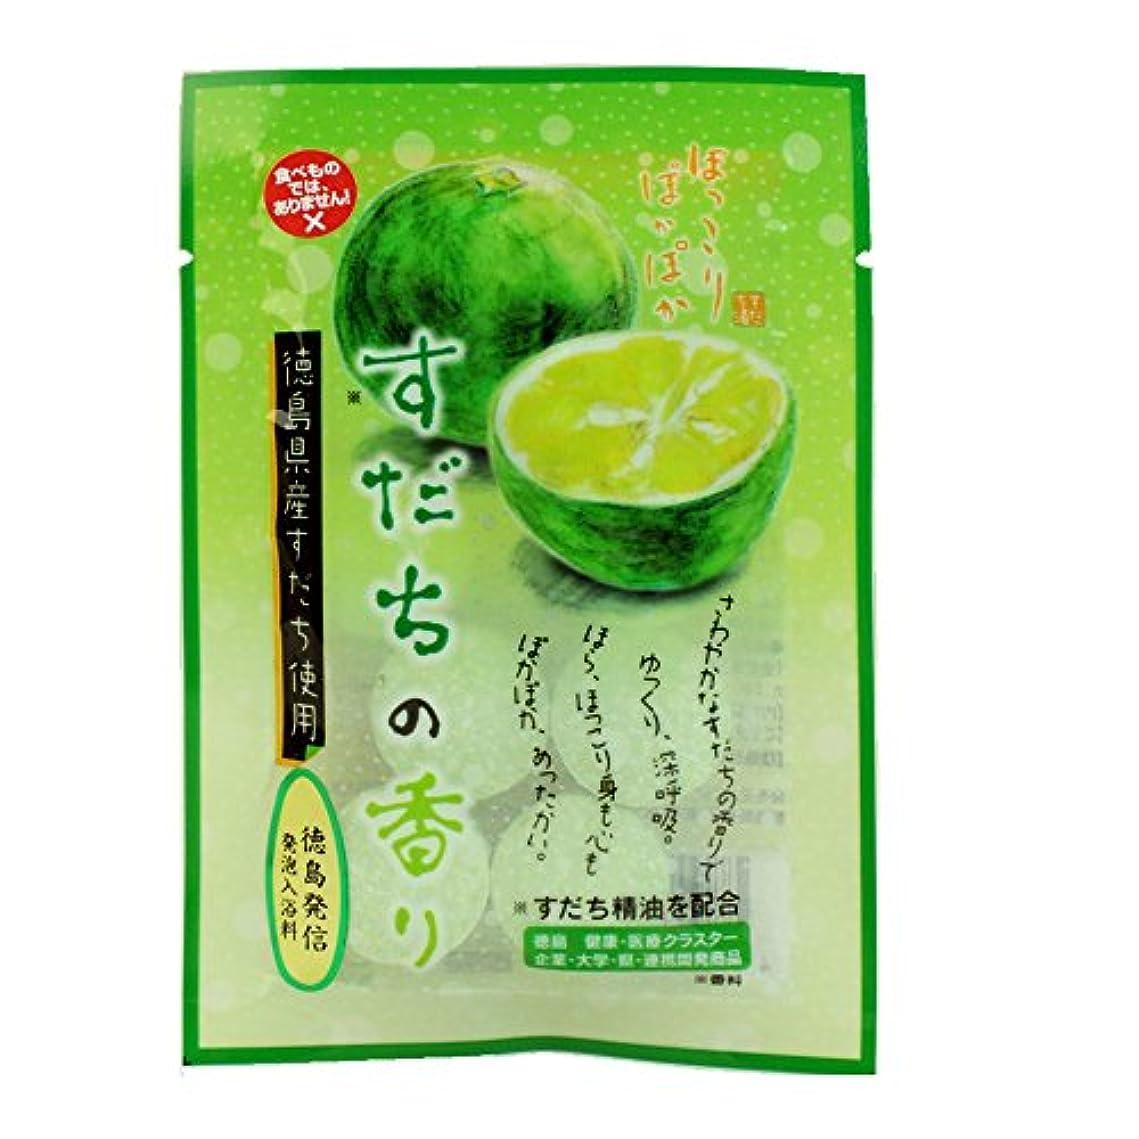 アナリスト旅行プログラムすだちの香り 発泡入浴料 1袋 徳島県産すだち使用 860